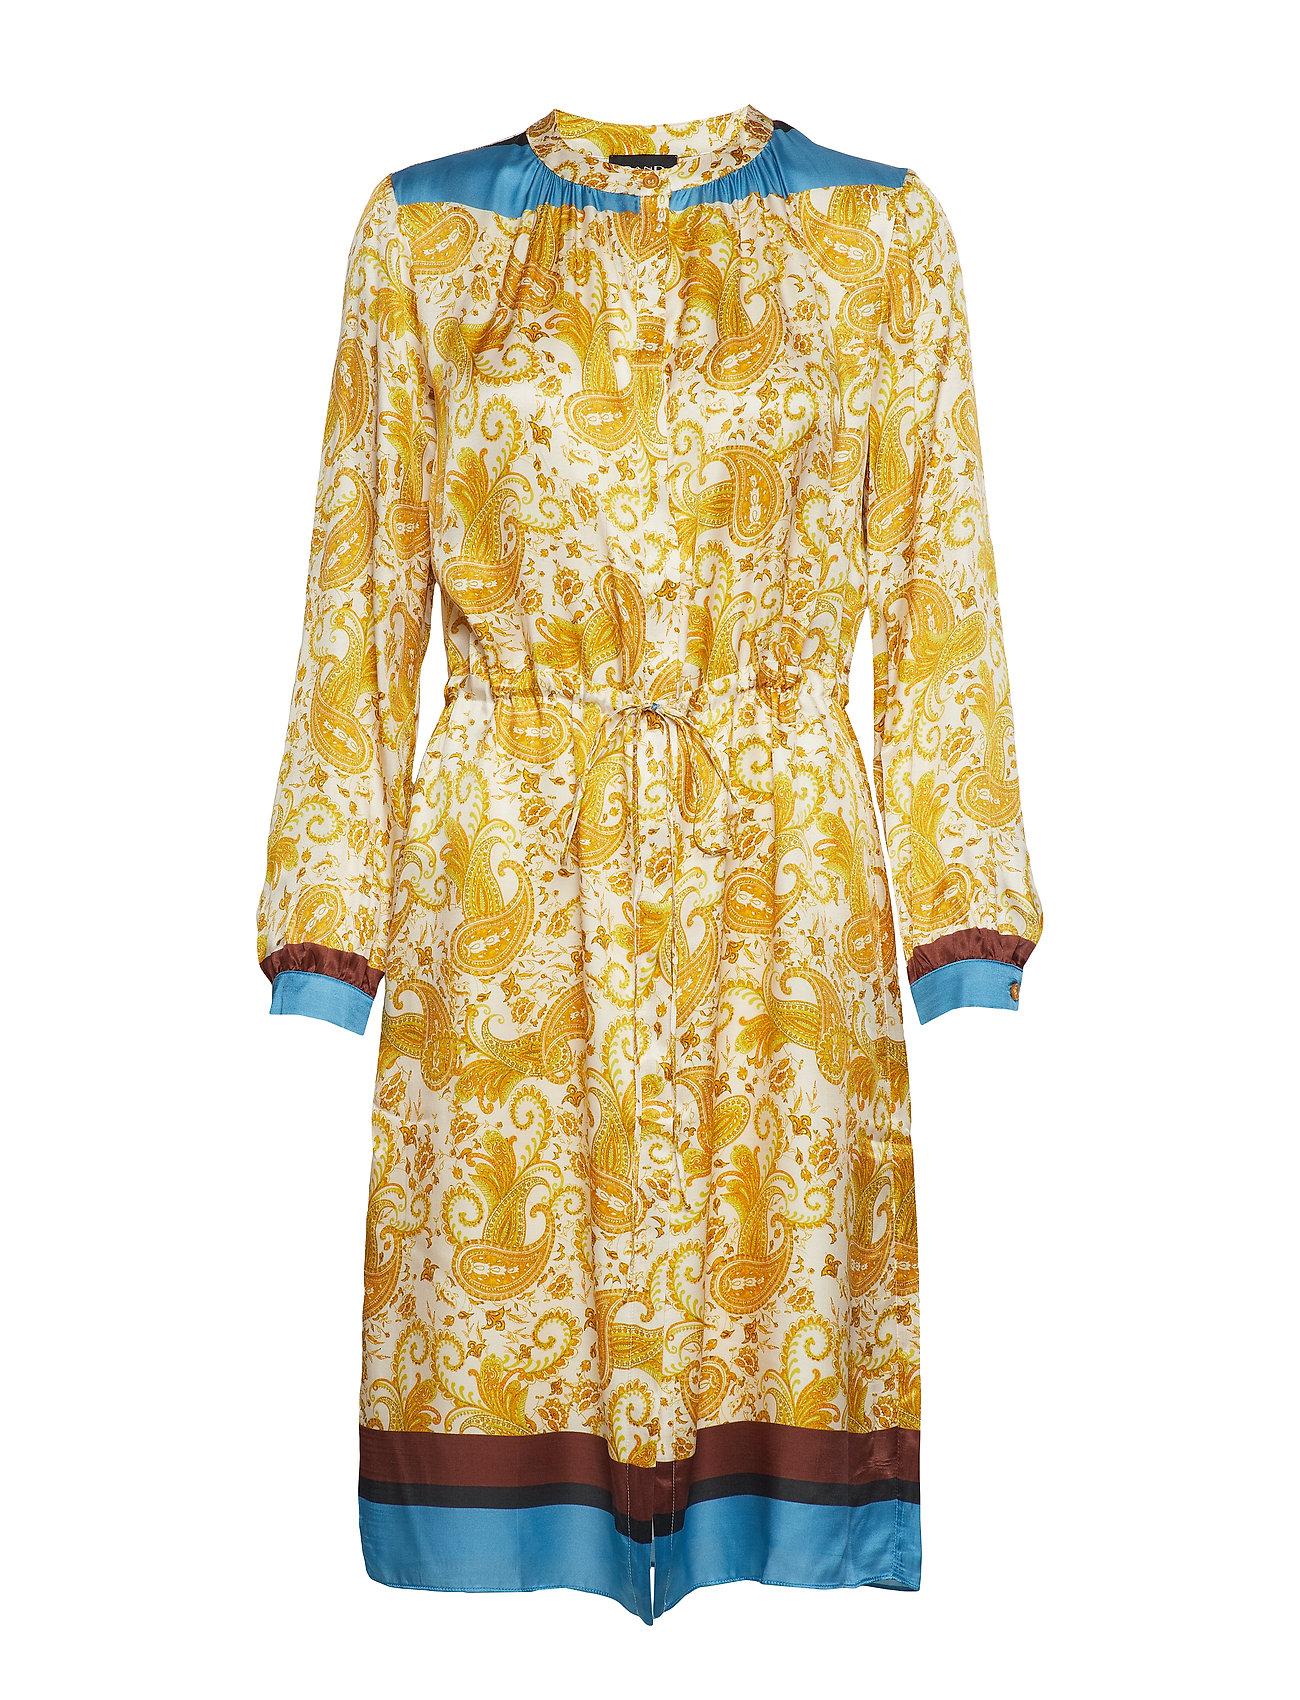 SAND 3323 - Zihia Dress/L - PATTERN